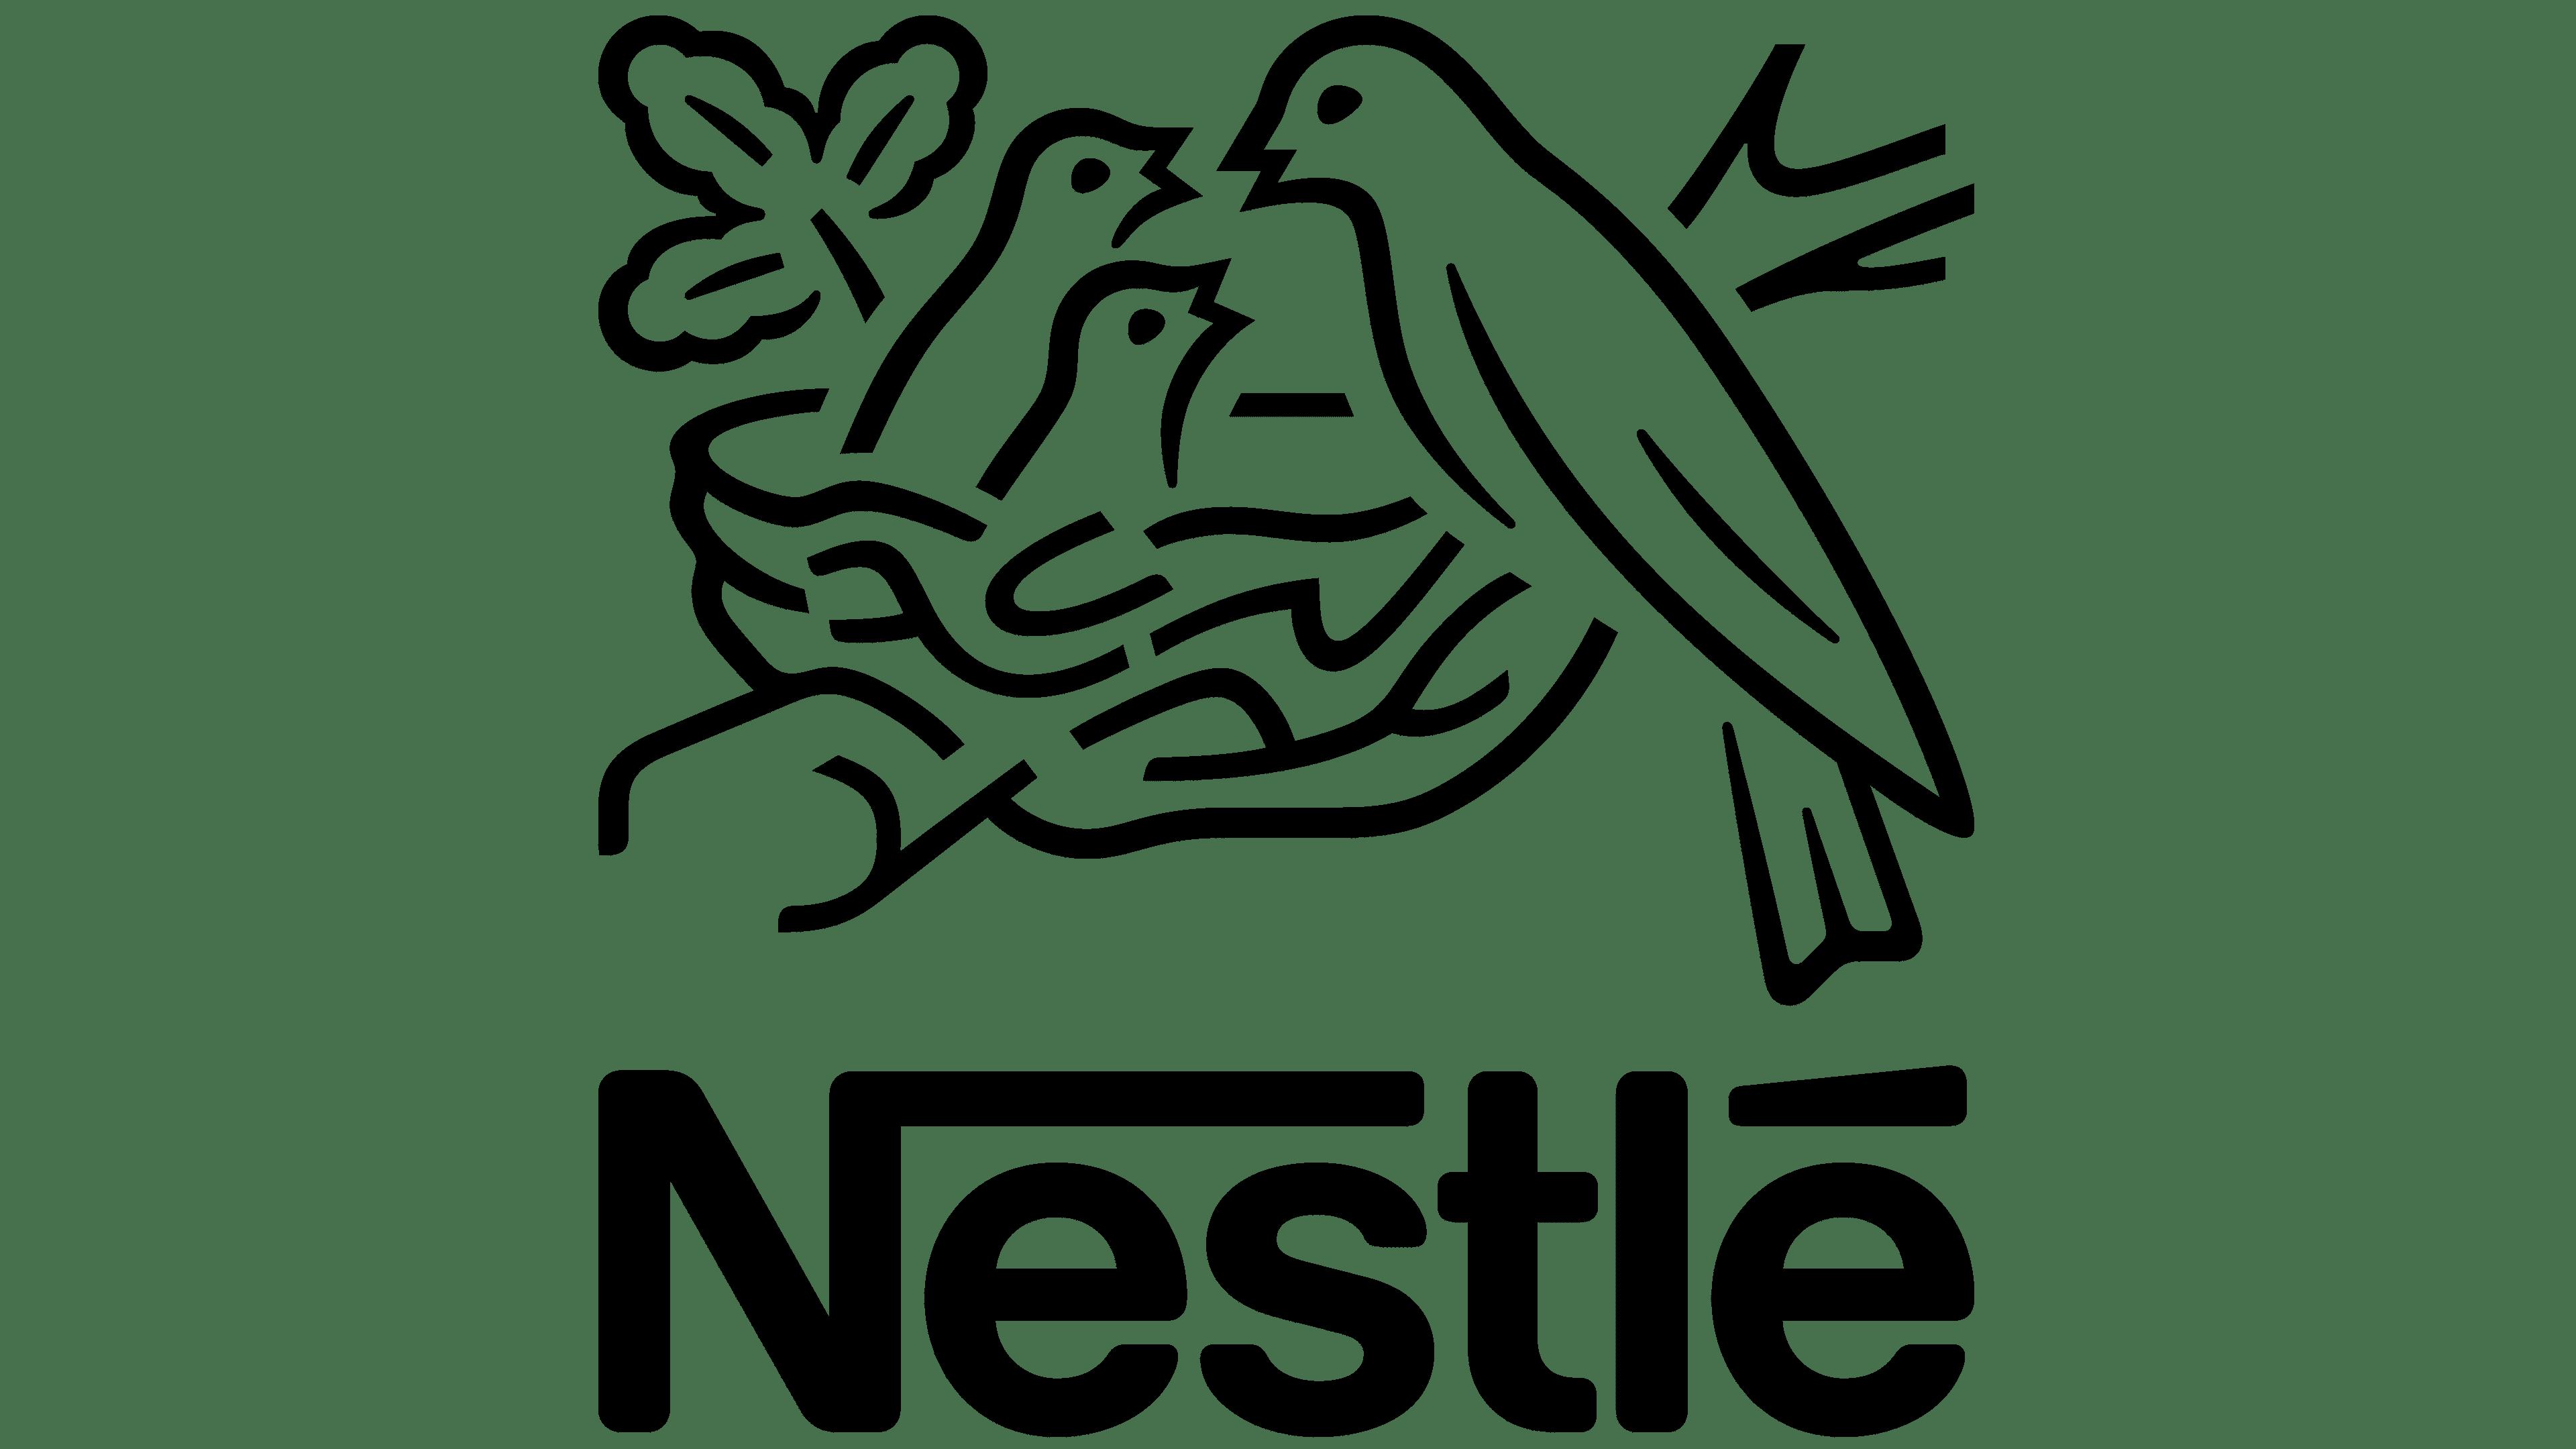 Nestlé (2020)